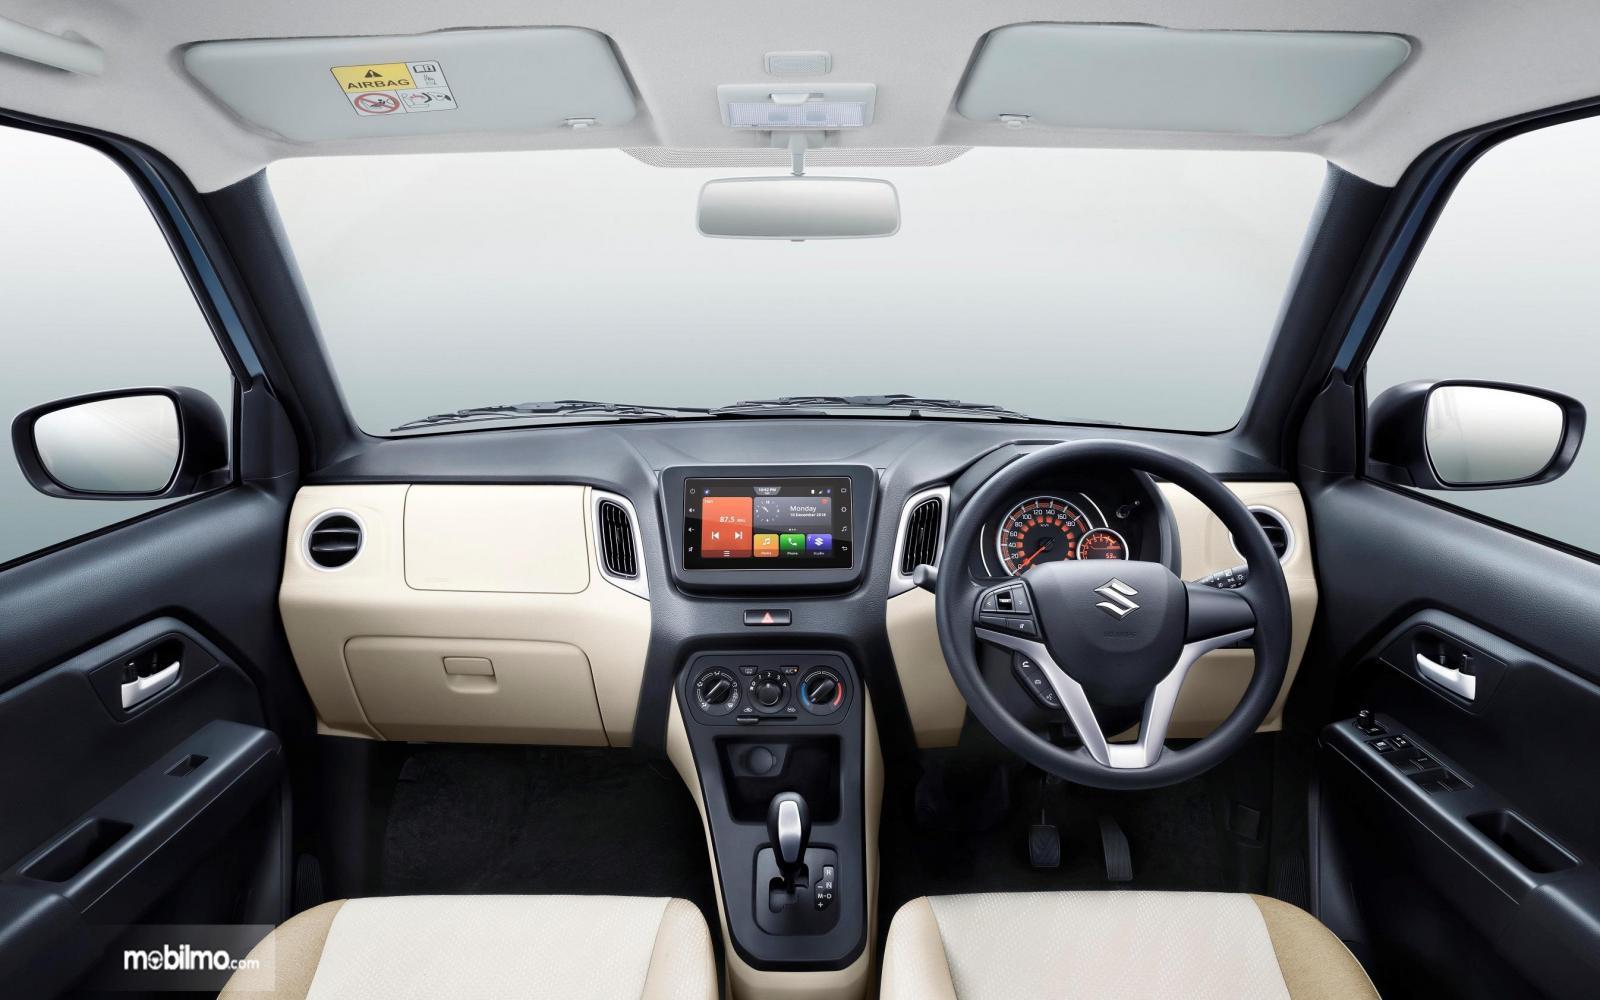 Foto menunjukkan Interior Suzuki Wagon R 2019 yang nampak lebih mewah